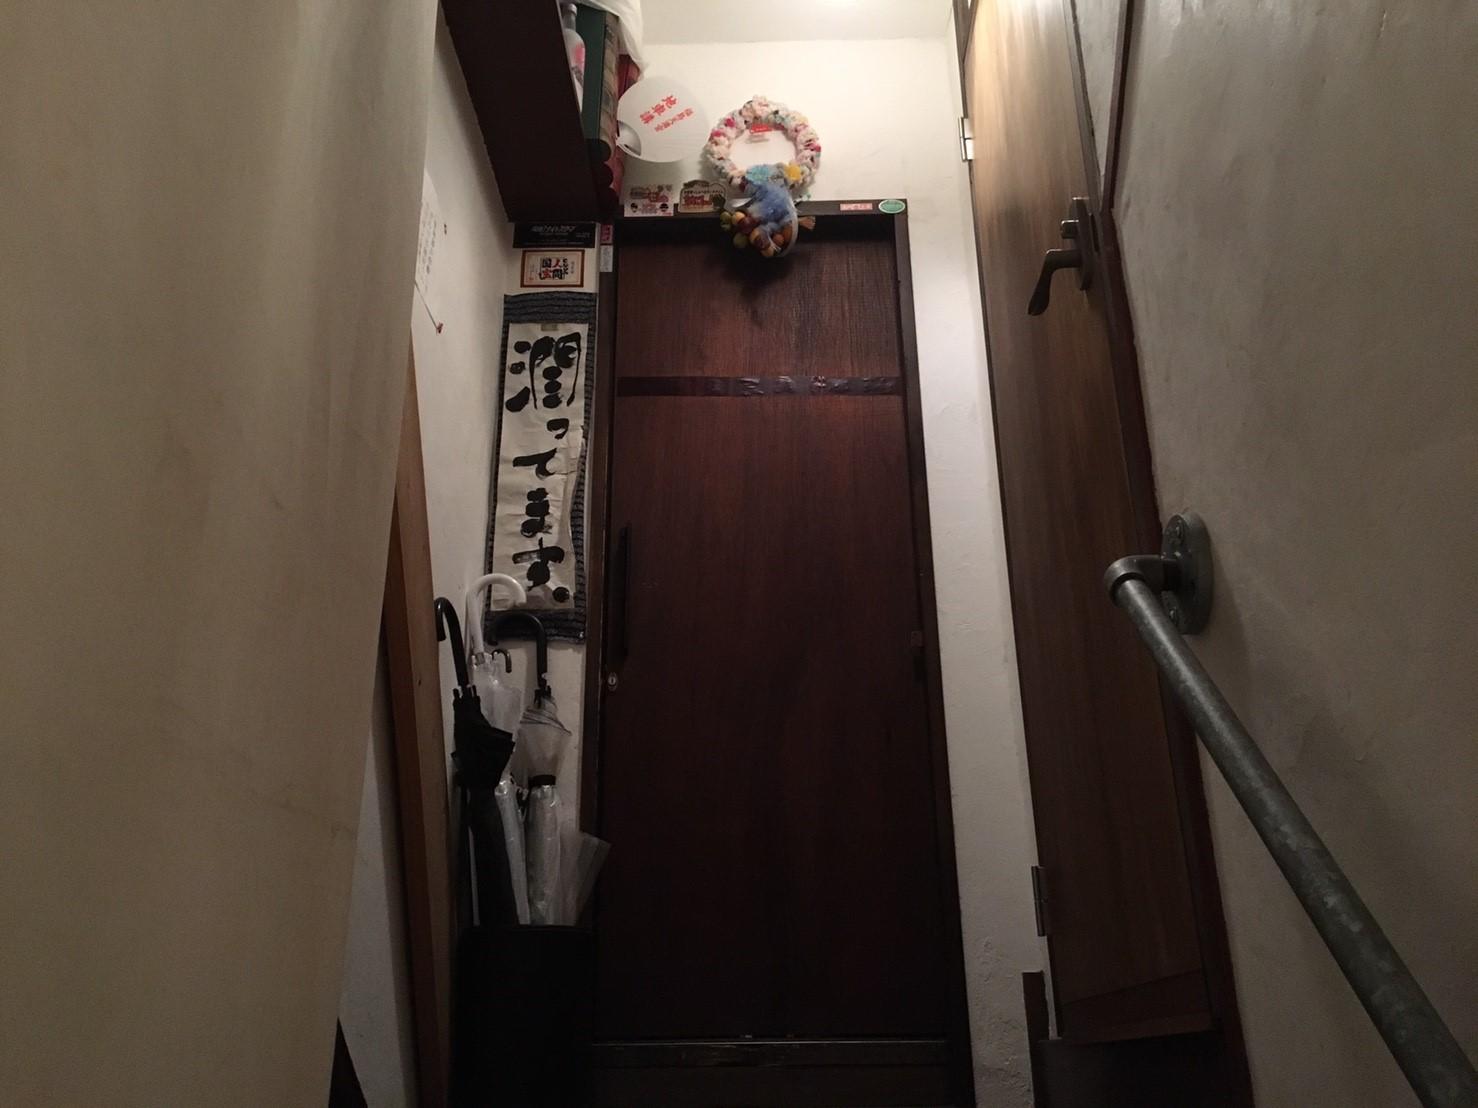 バー潤い_170826_0001